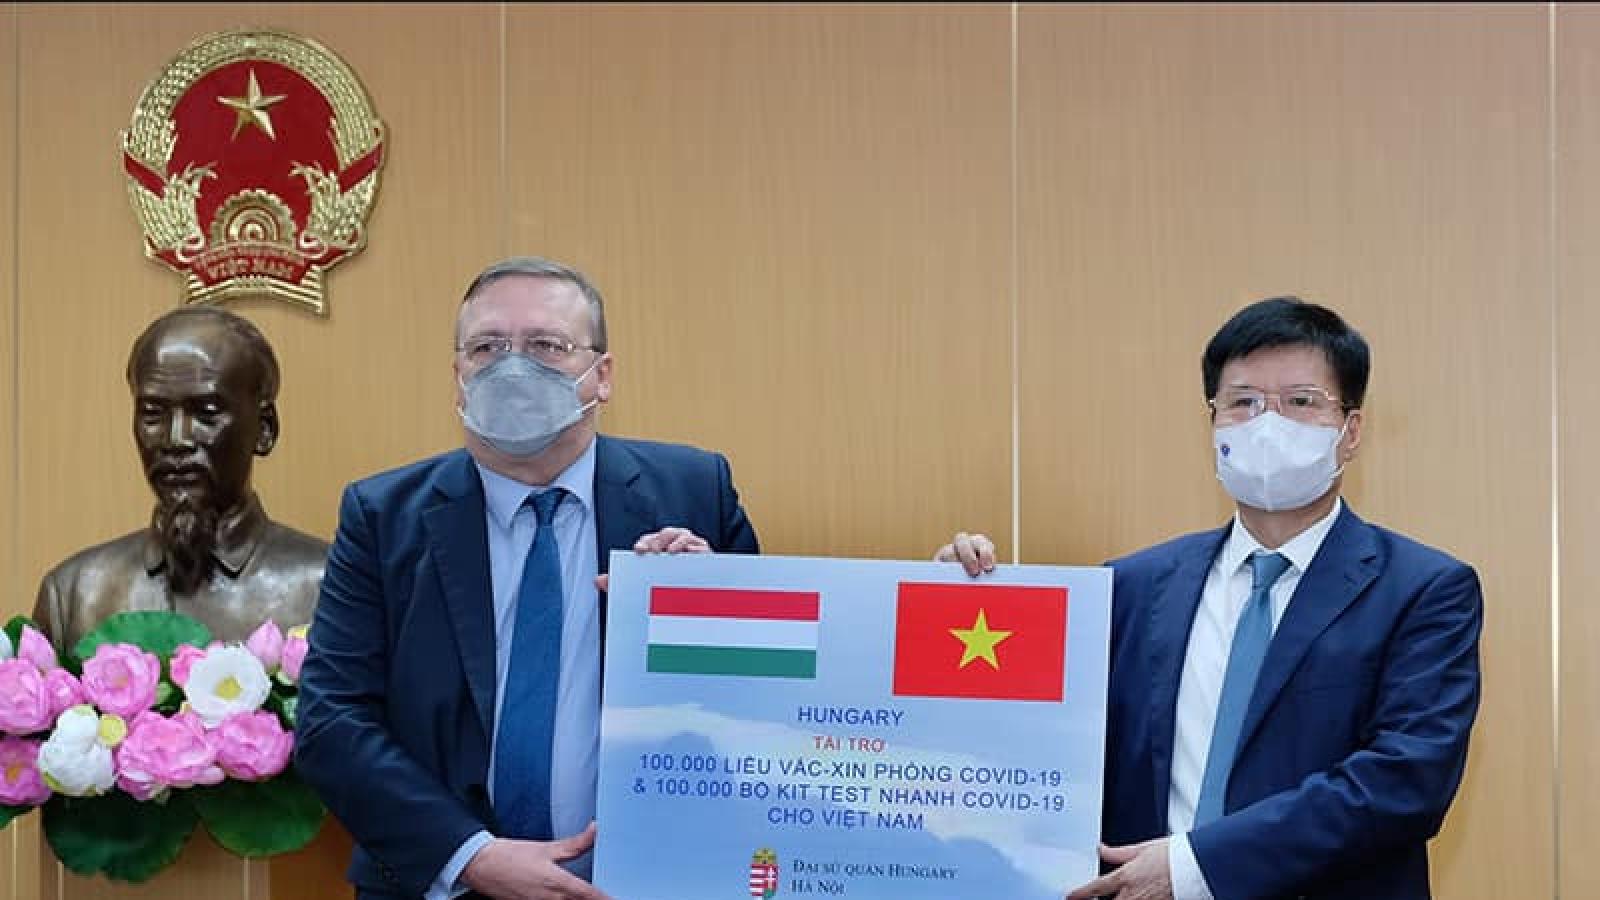 Việt Nam tiếp nhận thêm 100.000 liều vaccine AstraZeneca